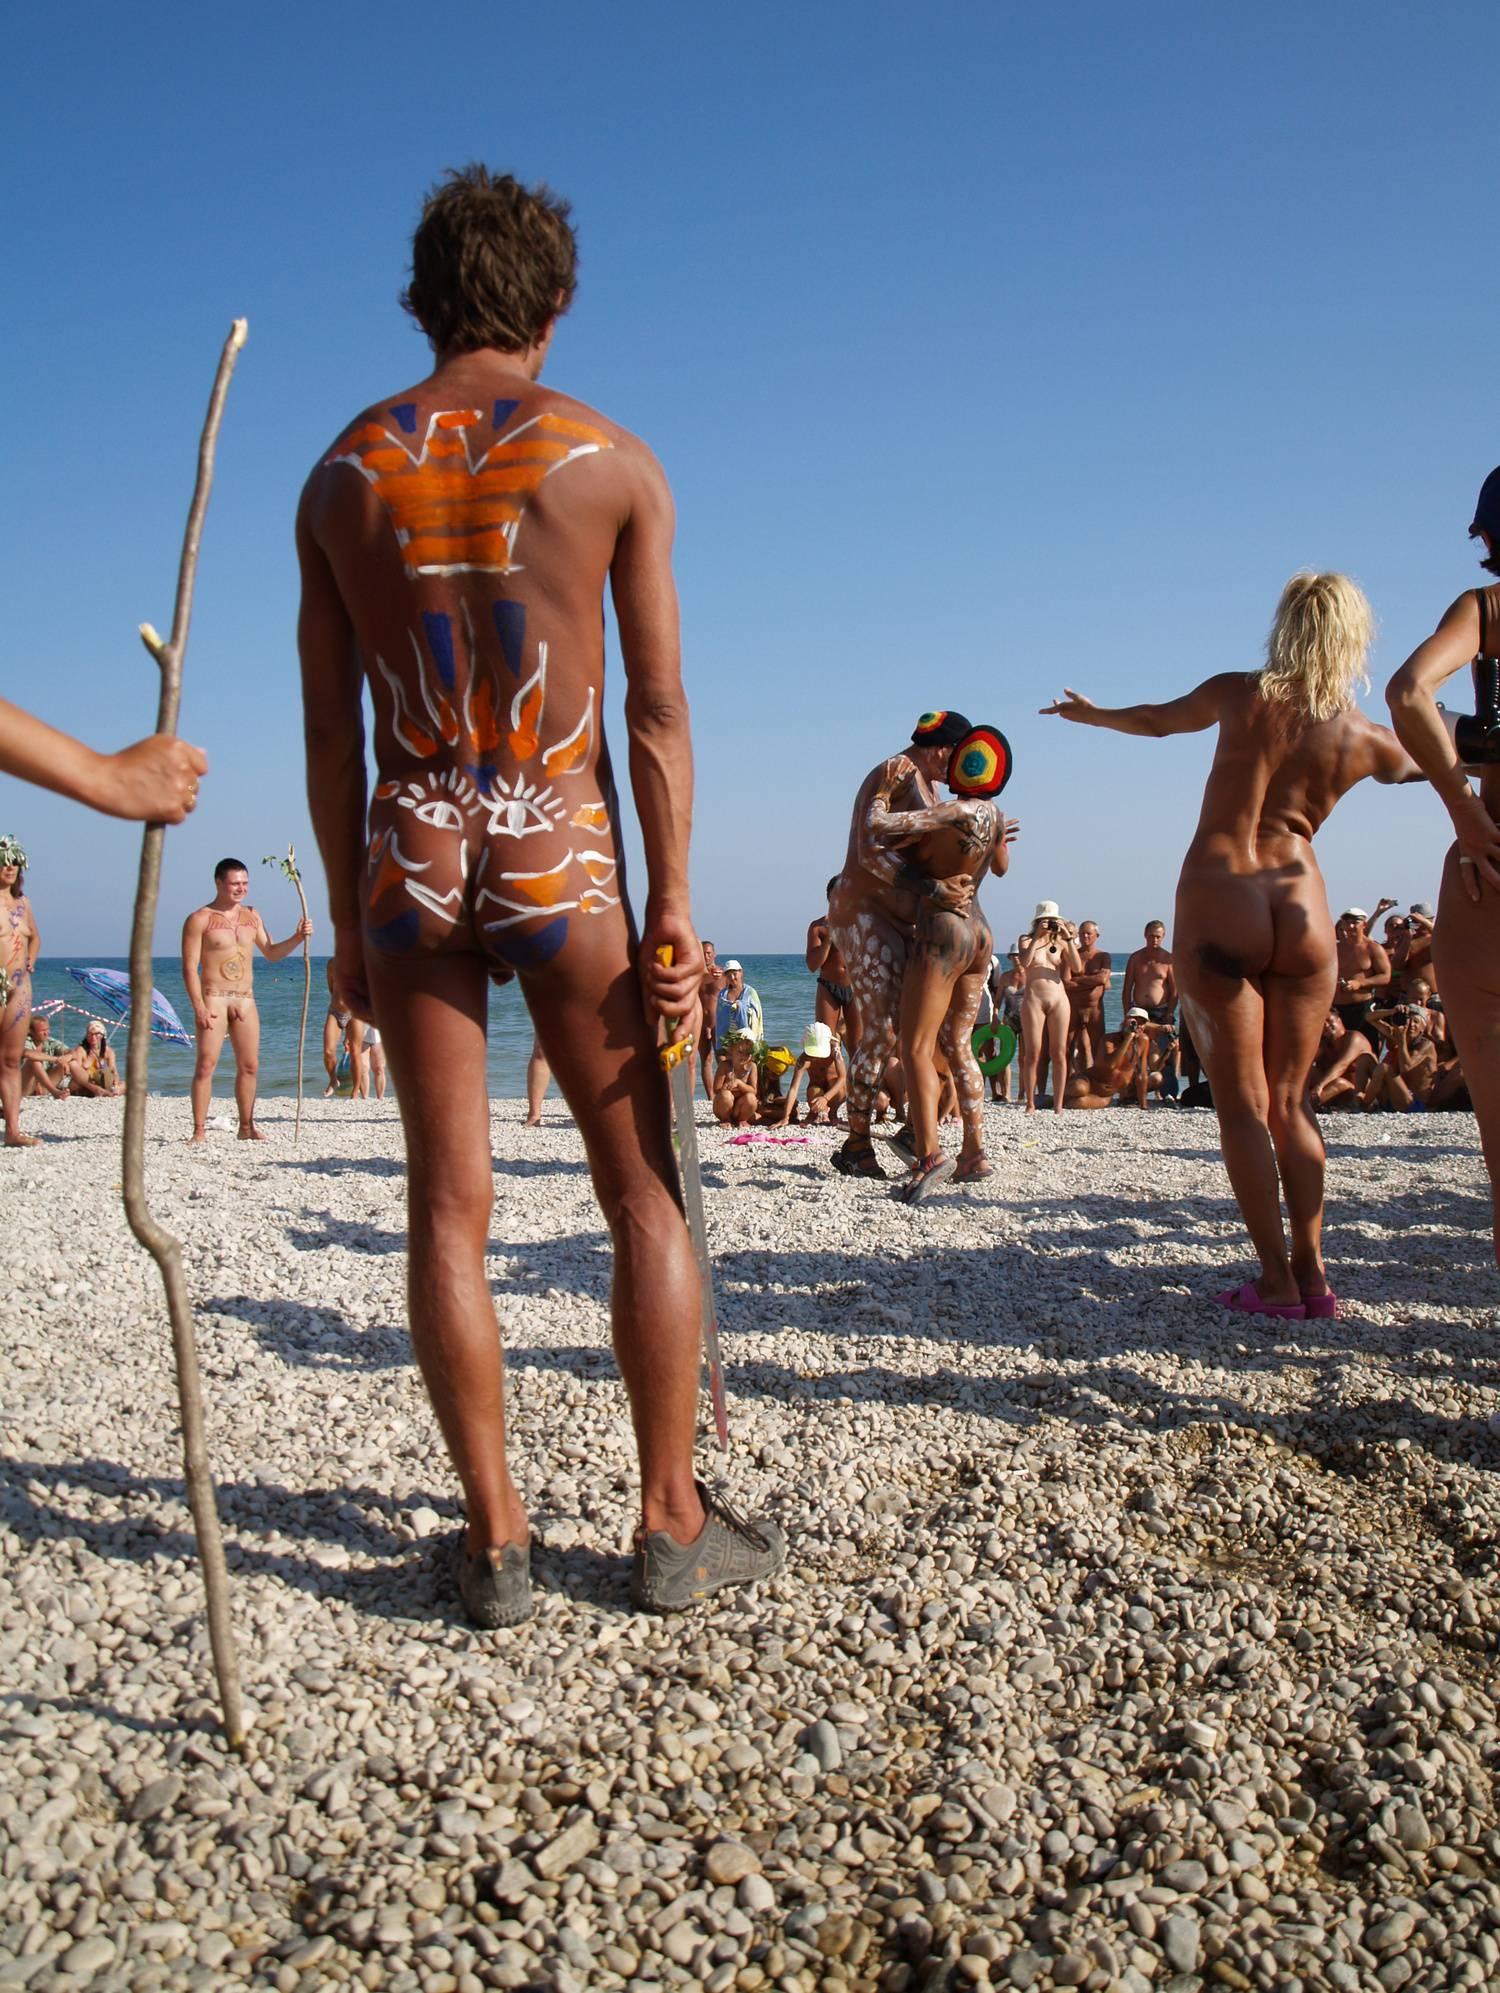 Nudist Gallery Nudist Event Host Dancing - 2